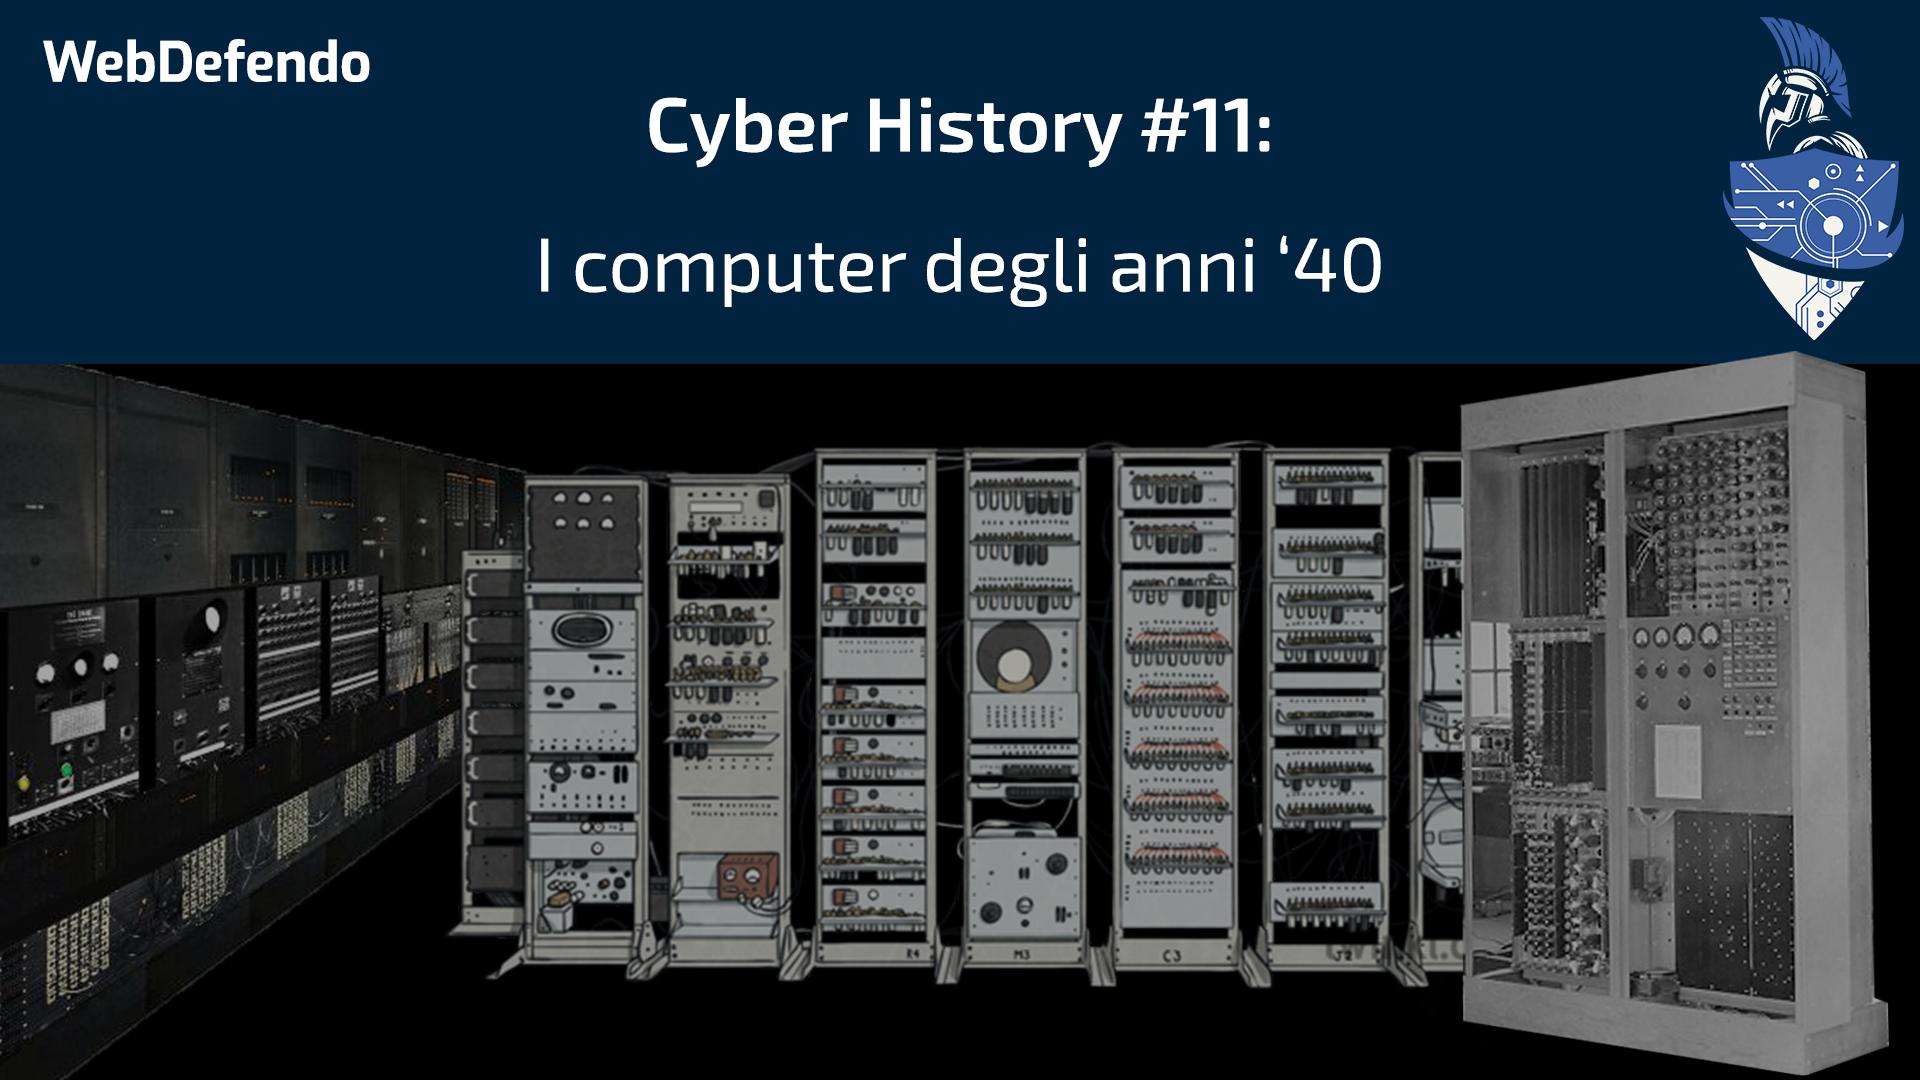 CyberHistory #11: Computer degli anni '40